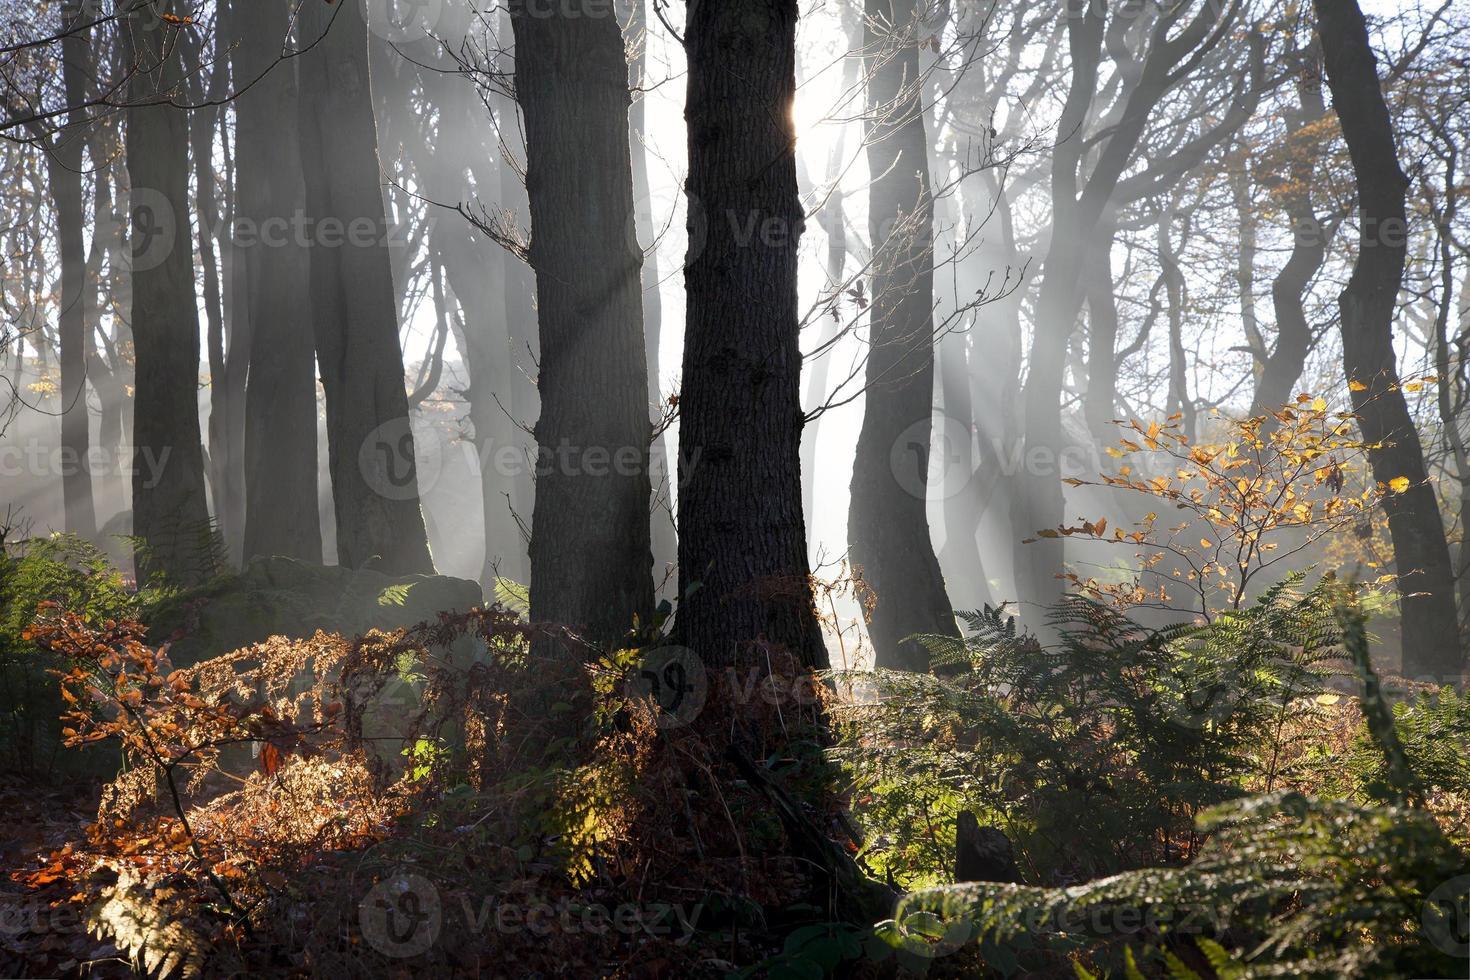 madeiras enevoadas foto